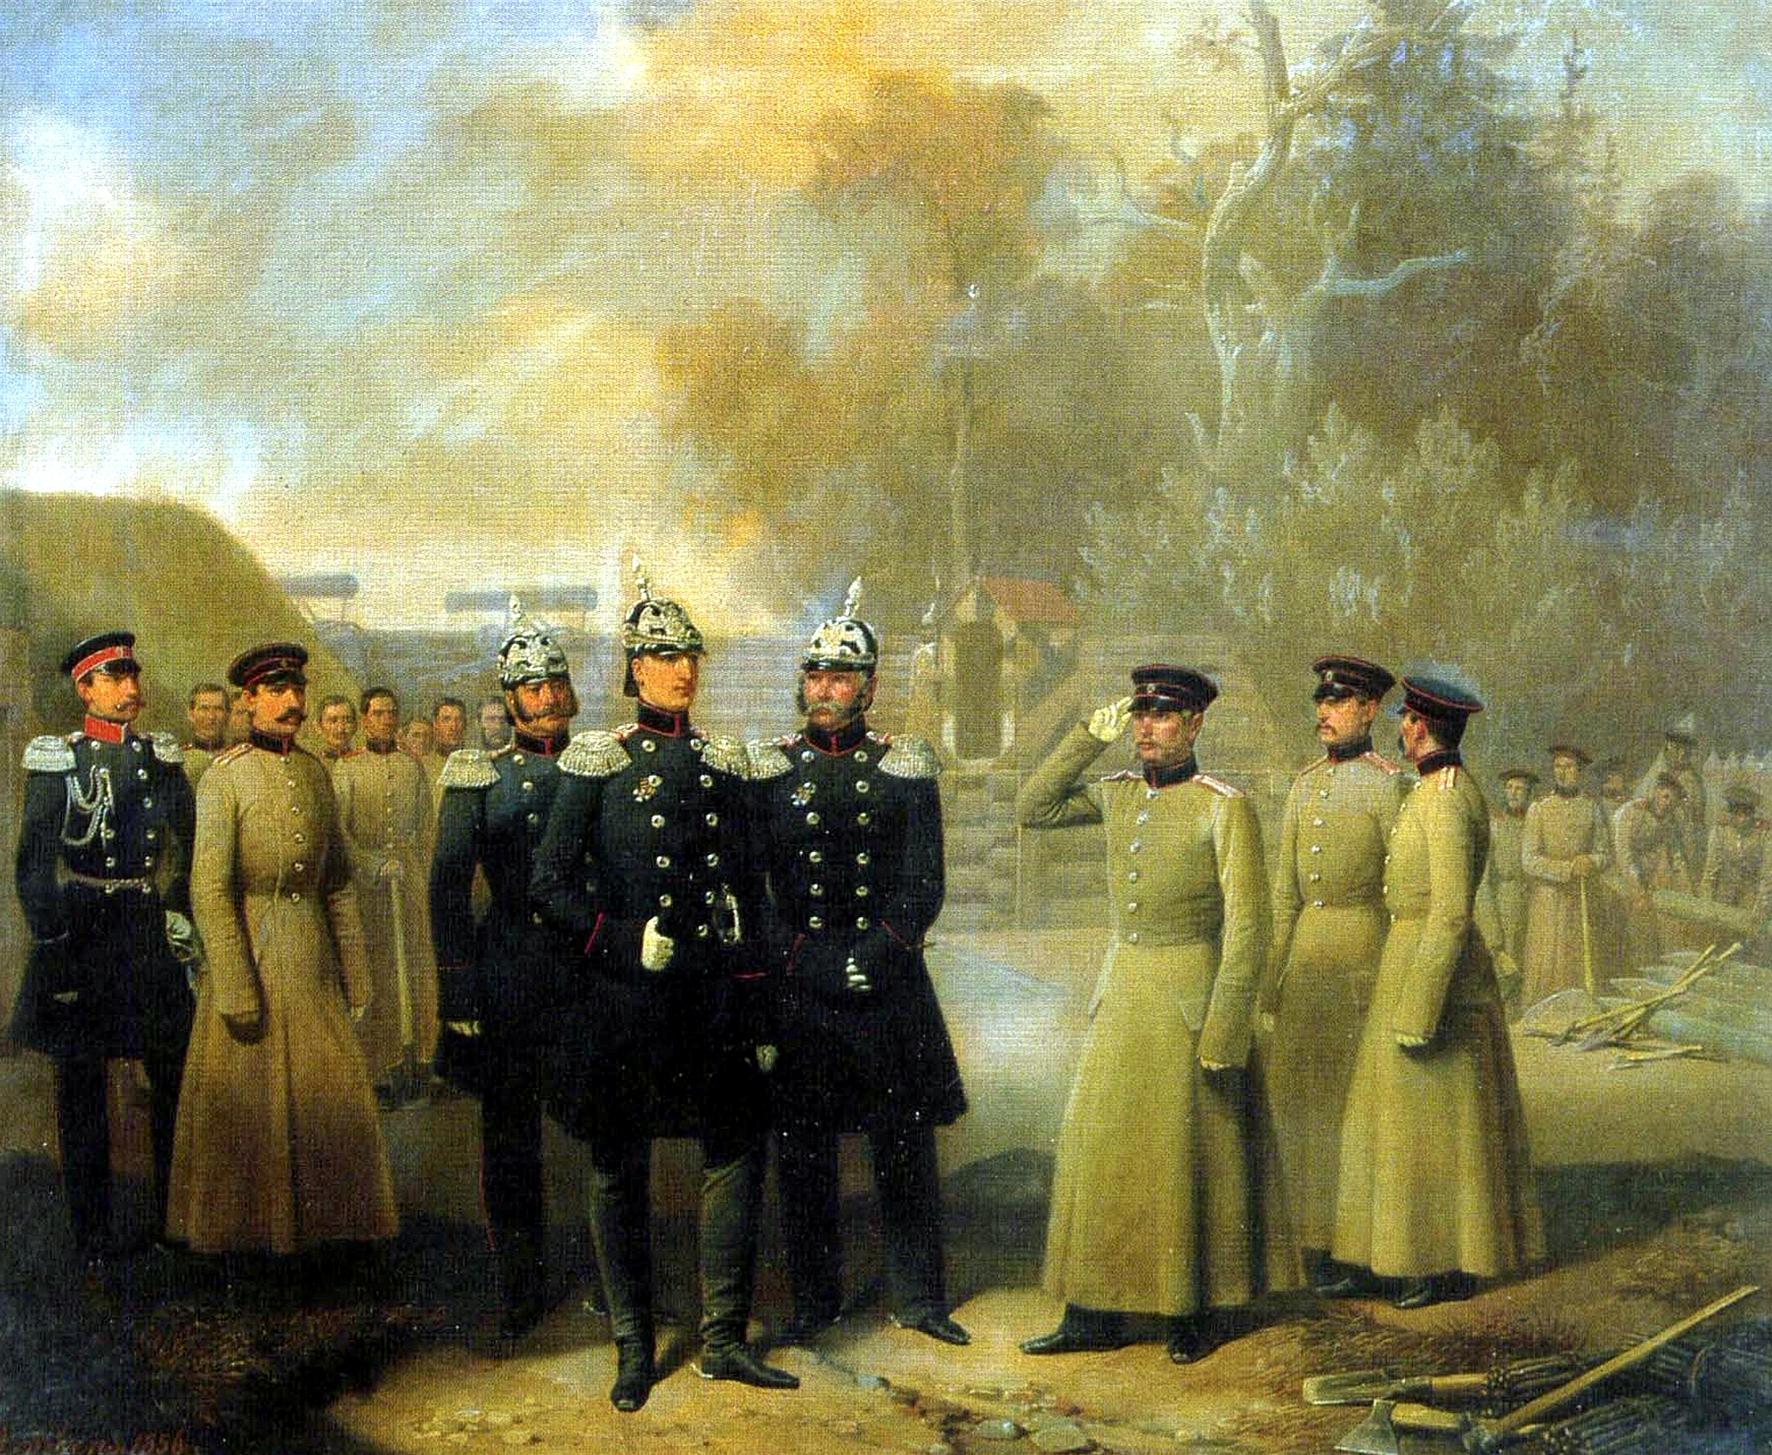 Великий князь Николай Николаевич Старший осматривает работы гвардейских сапёров в устье Невы - копия - копия